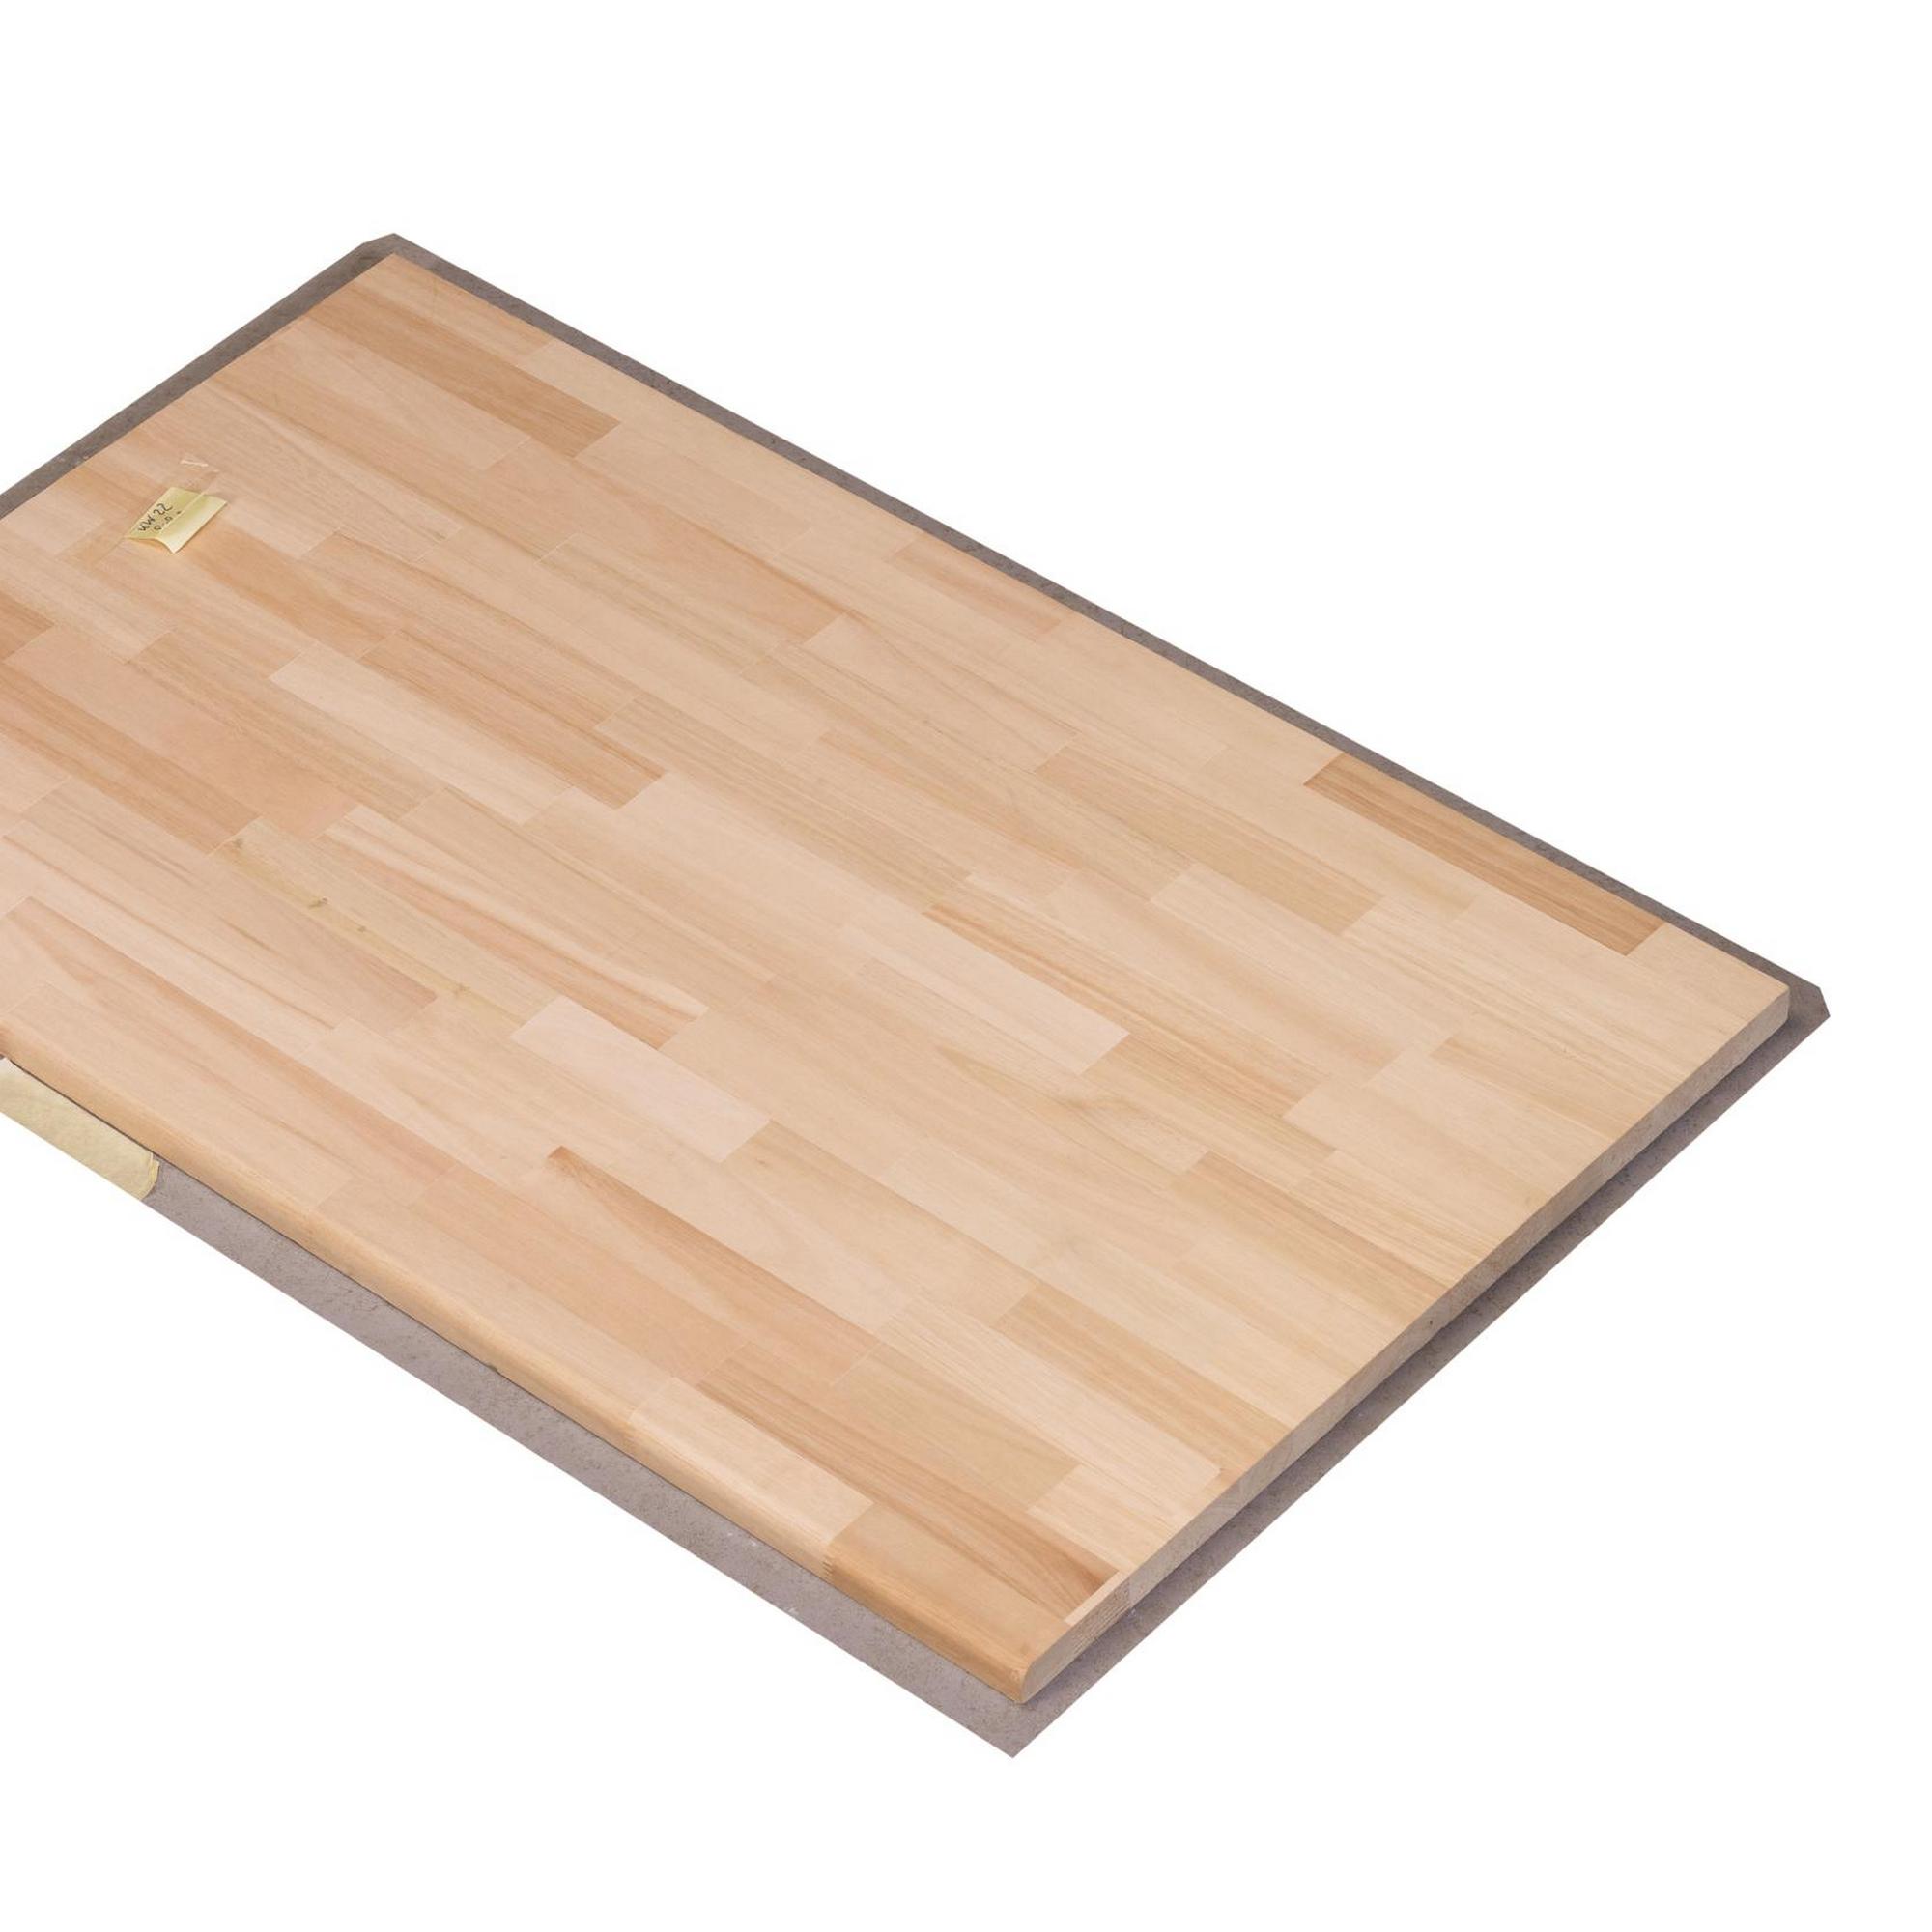 besteckeinsatz f r nolte k chen. Black Bedroom Furniture Sets. Home Design Ideas